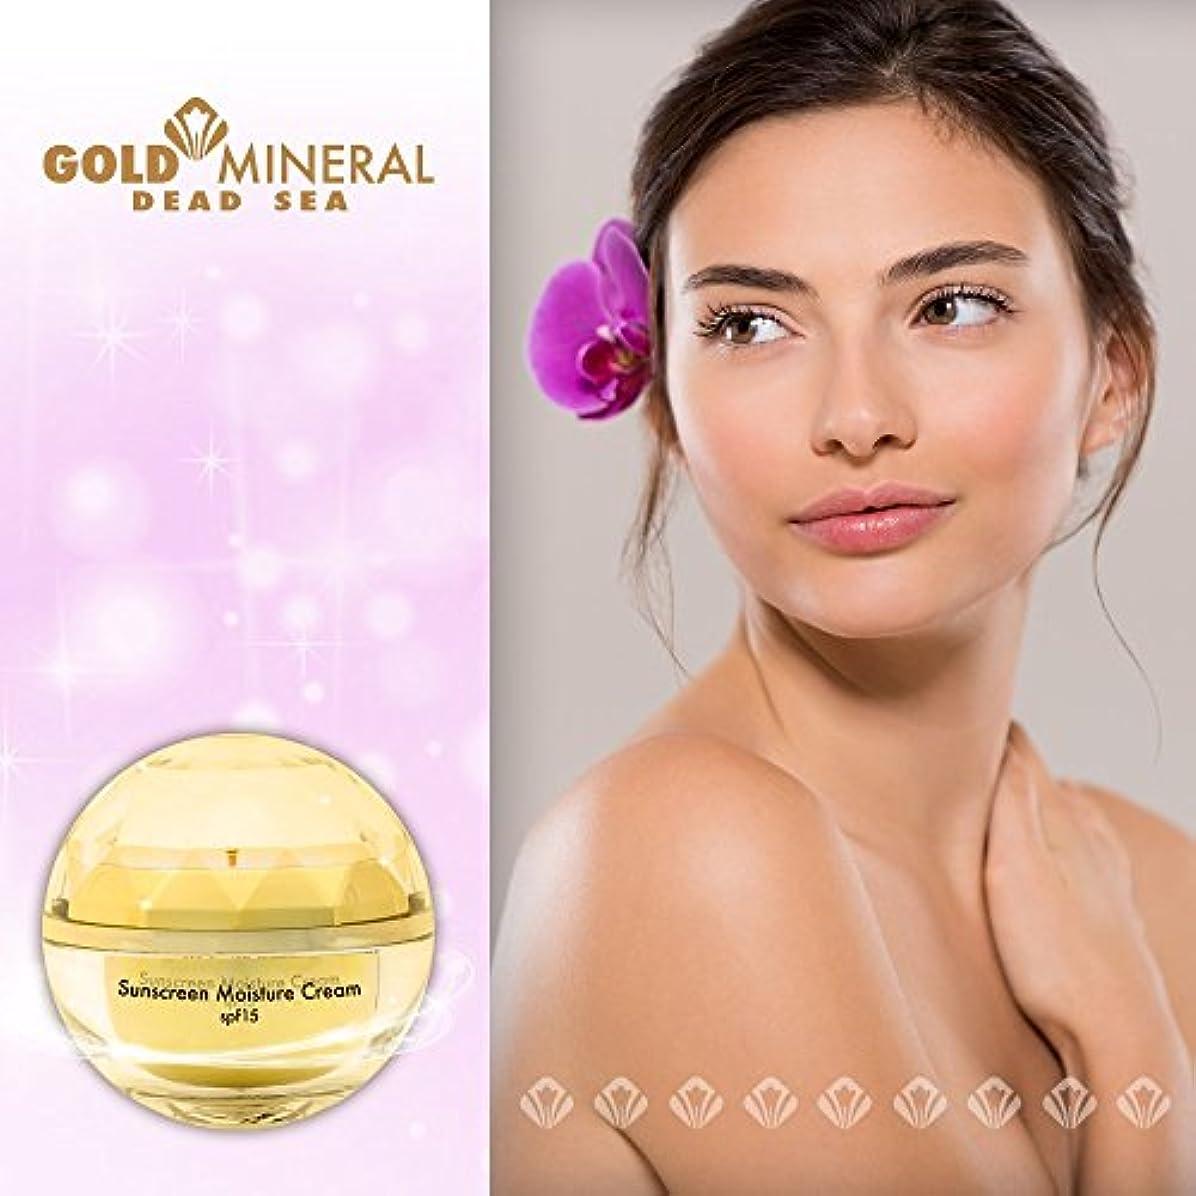 提出するリースキウイ日焼け止め保湿クリーム SPF 15 Sunscreen Moisture Cream